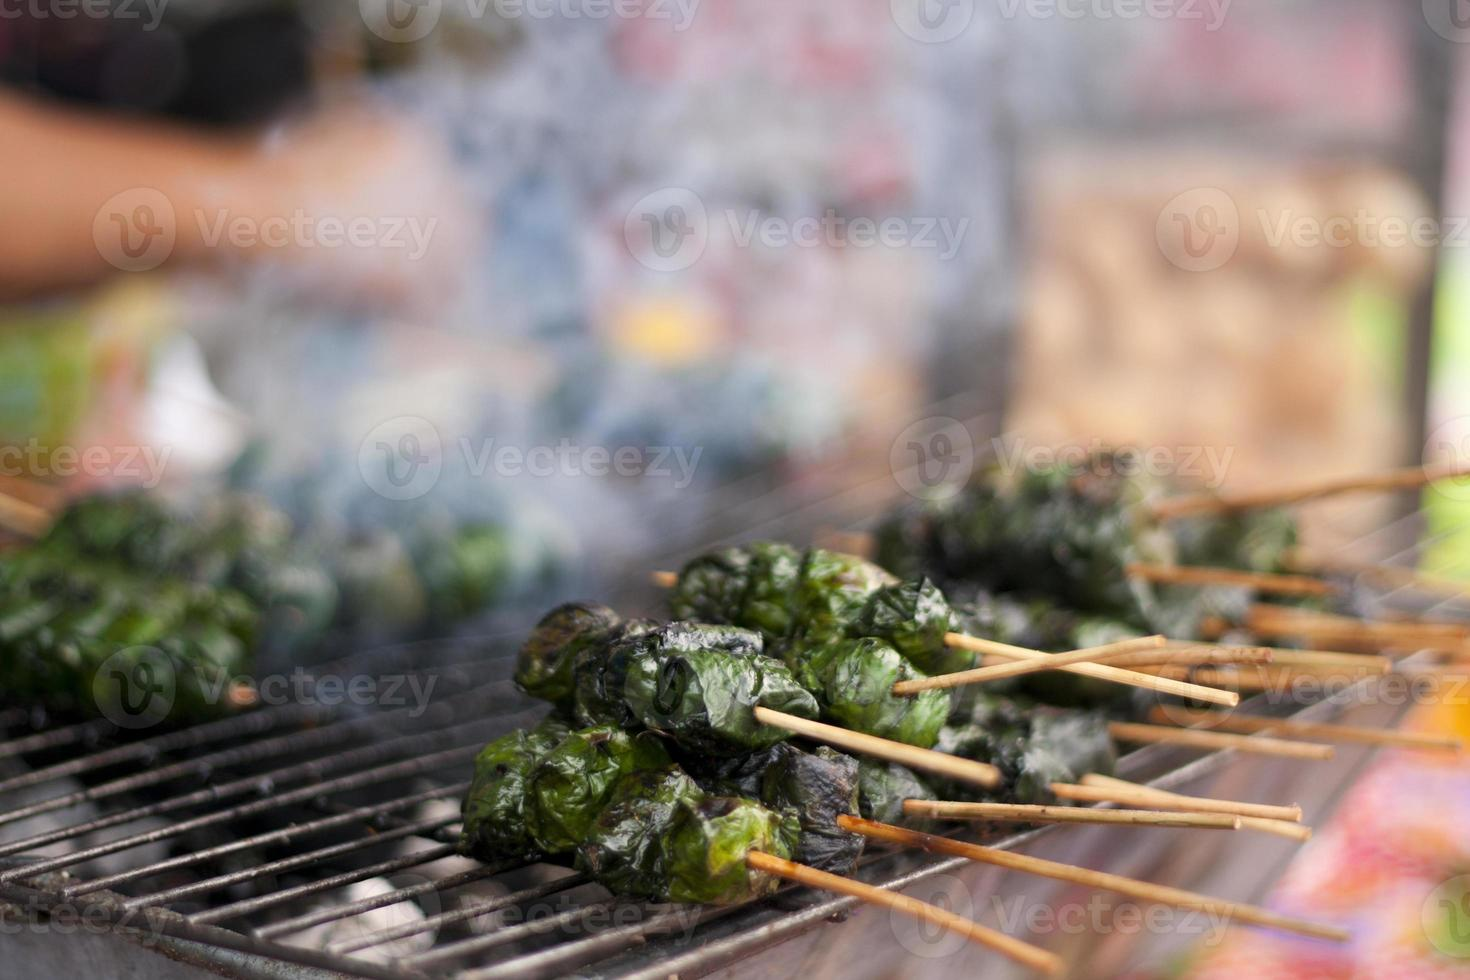 grillad nötkött i betelblad foto